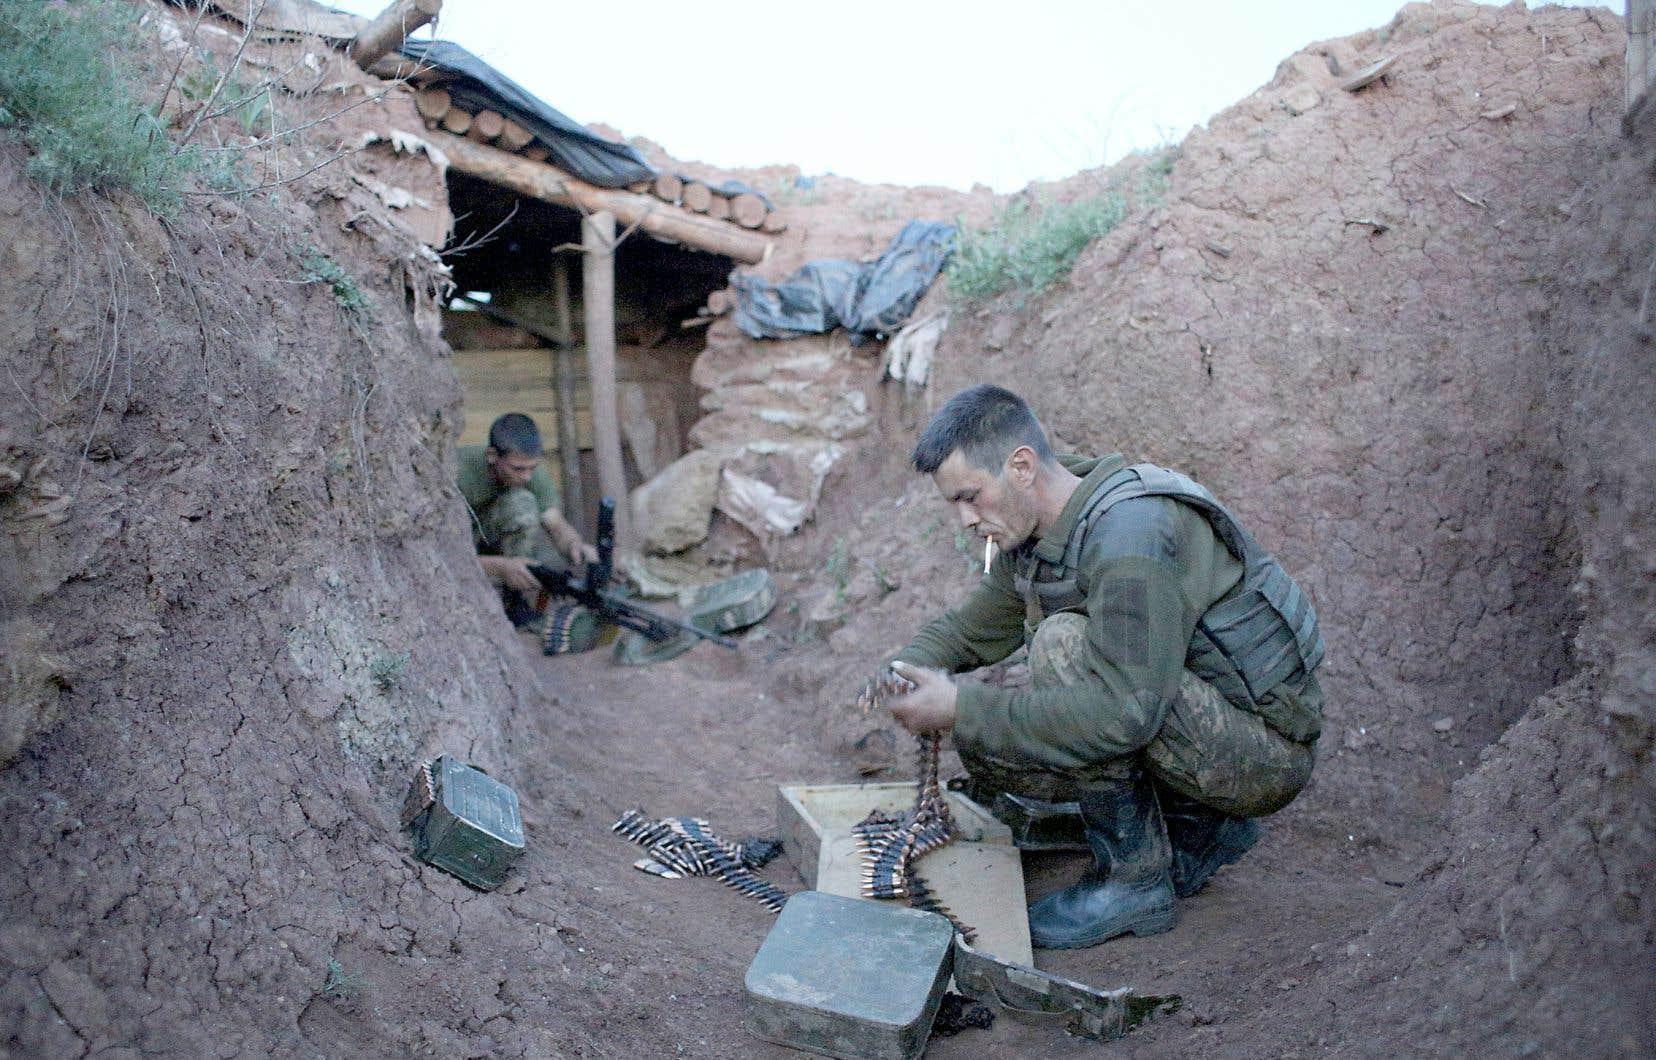 Libéraux et conservateurs se rangent sans conteste derrière l'Ukraine et la défense de son intégrité territoriale.